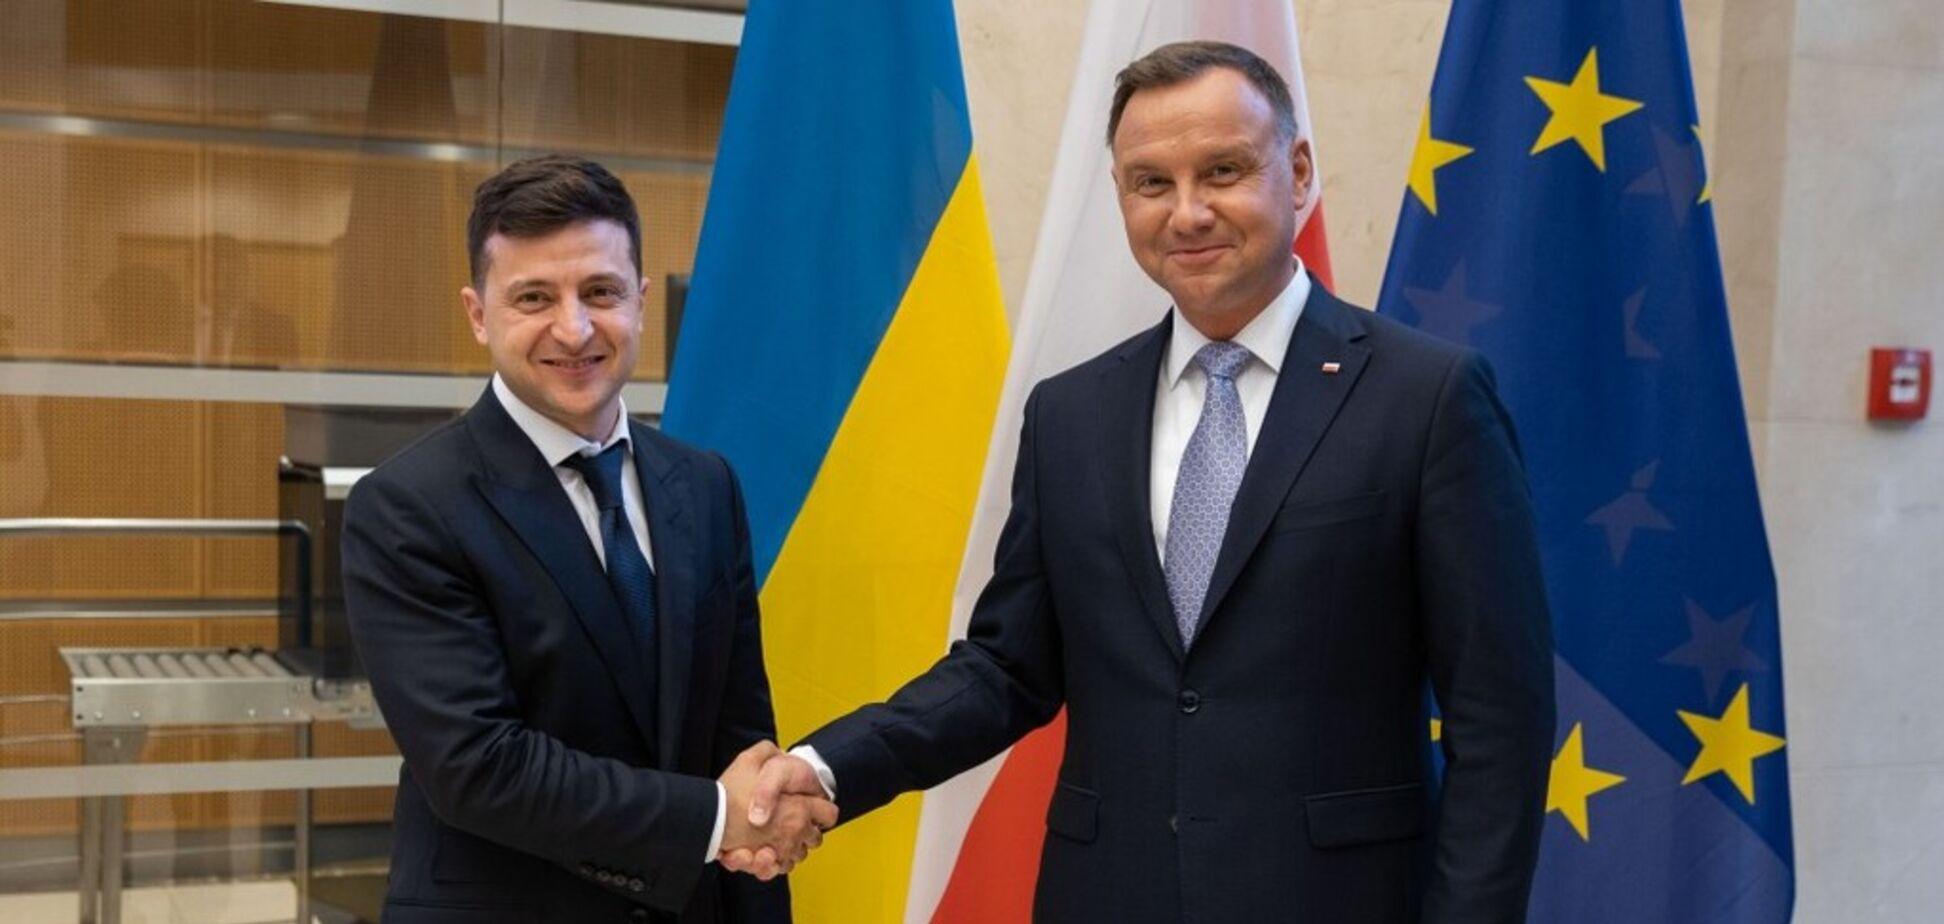 Зеленський здійснив першу офіційну поїздку до ЄС: головні тези переговорів